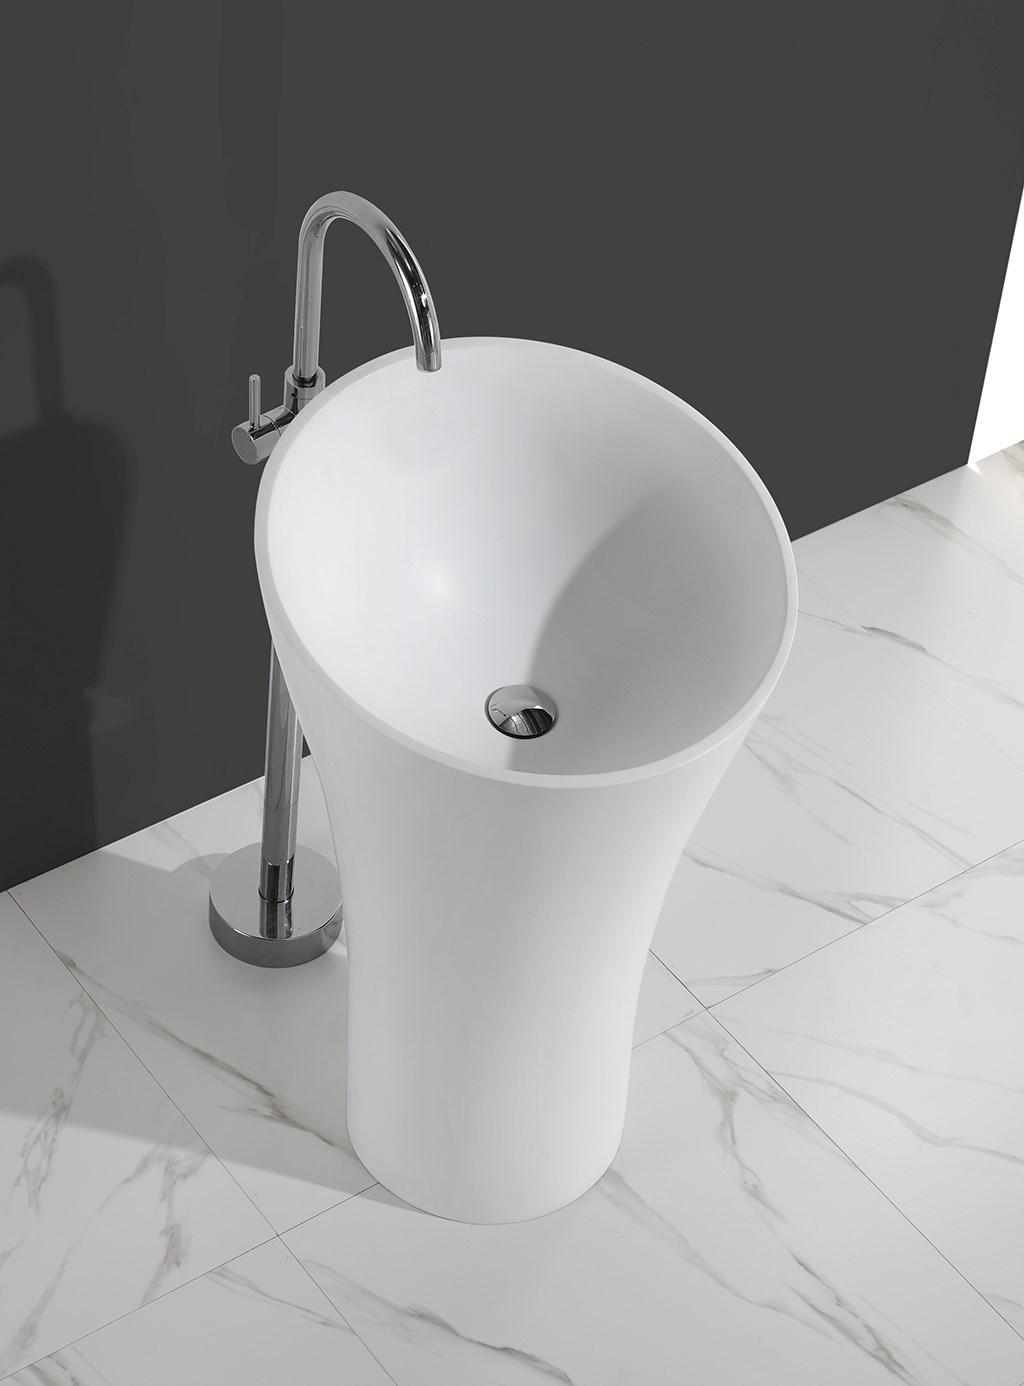 KingKonree bathroom sink stand manufacturer for hotel-1